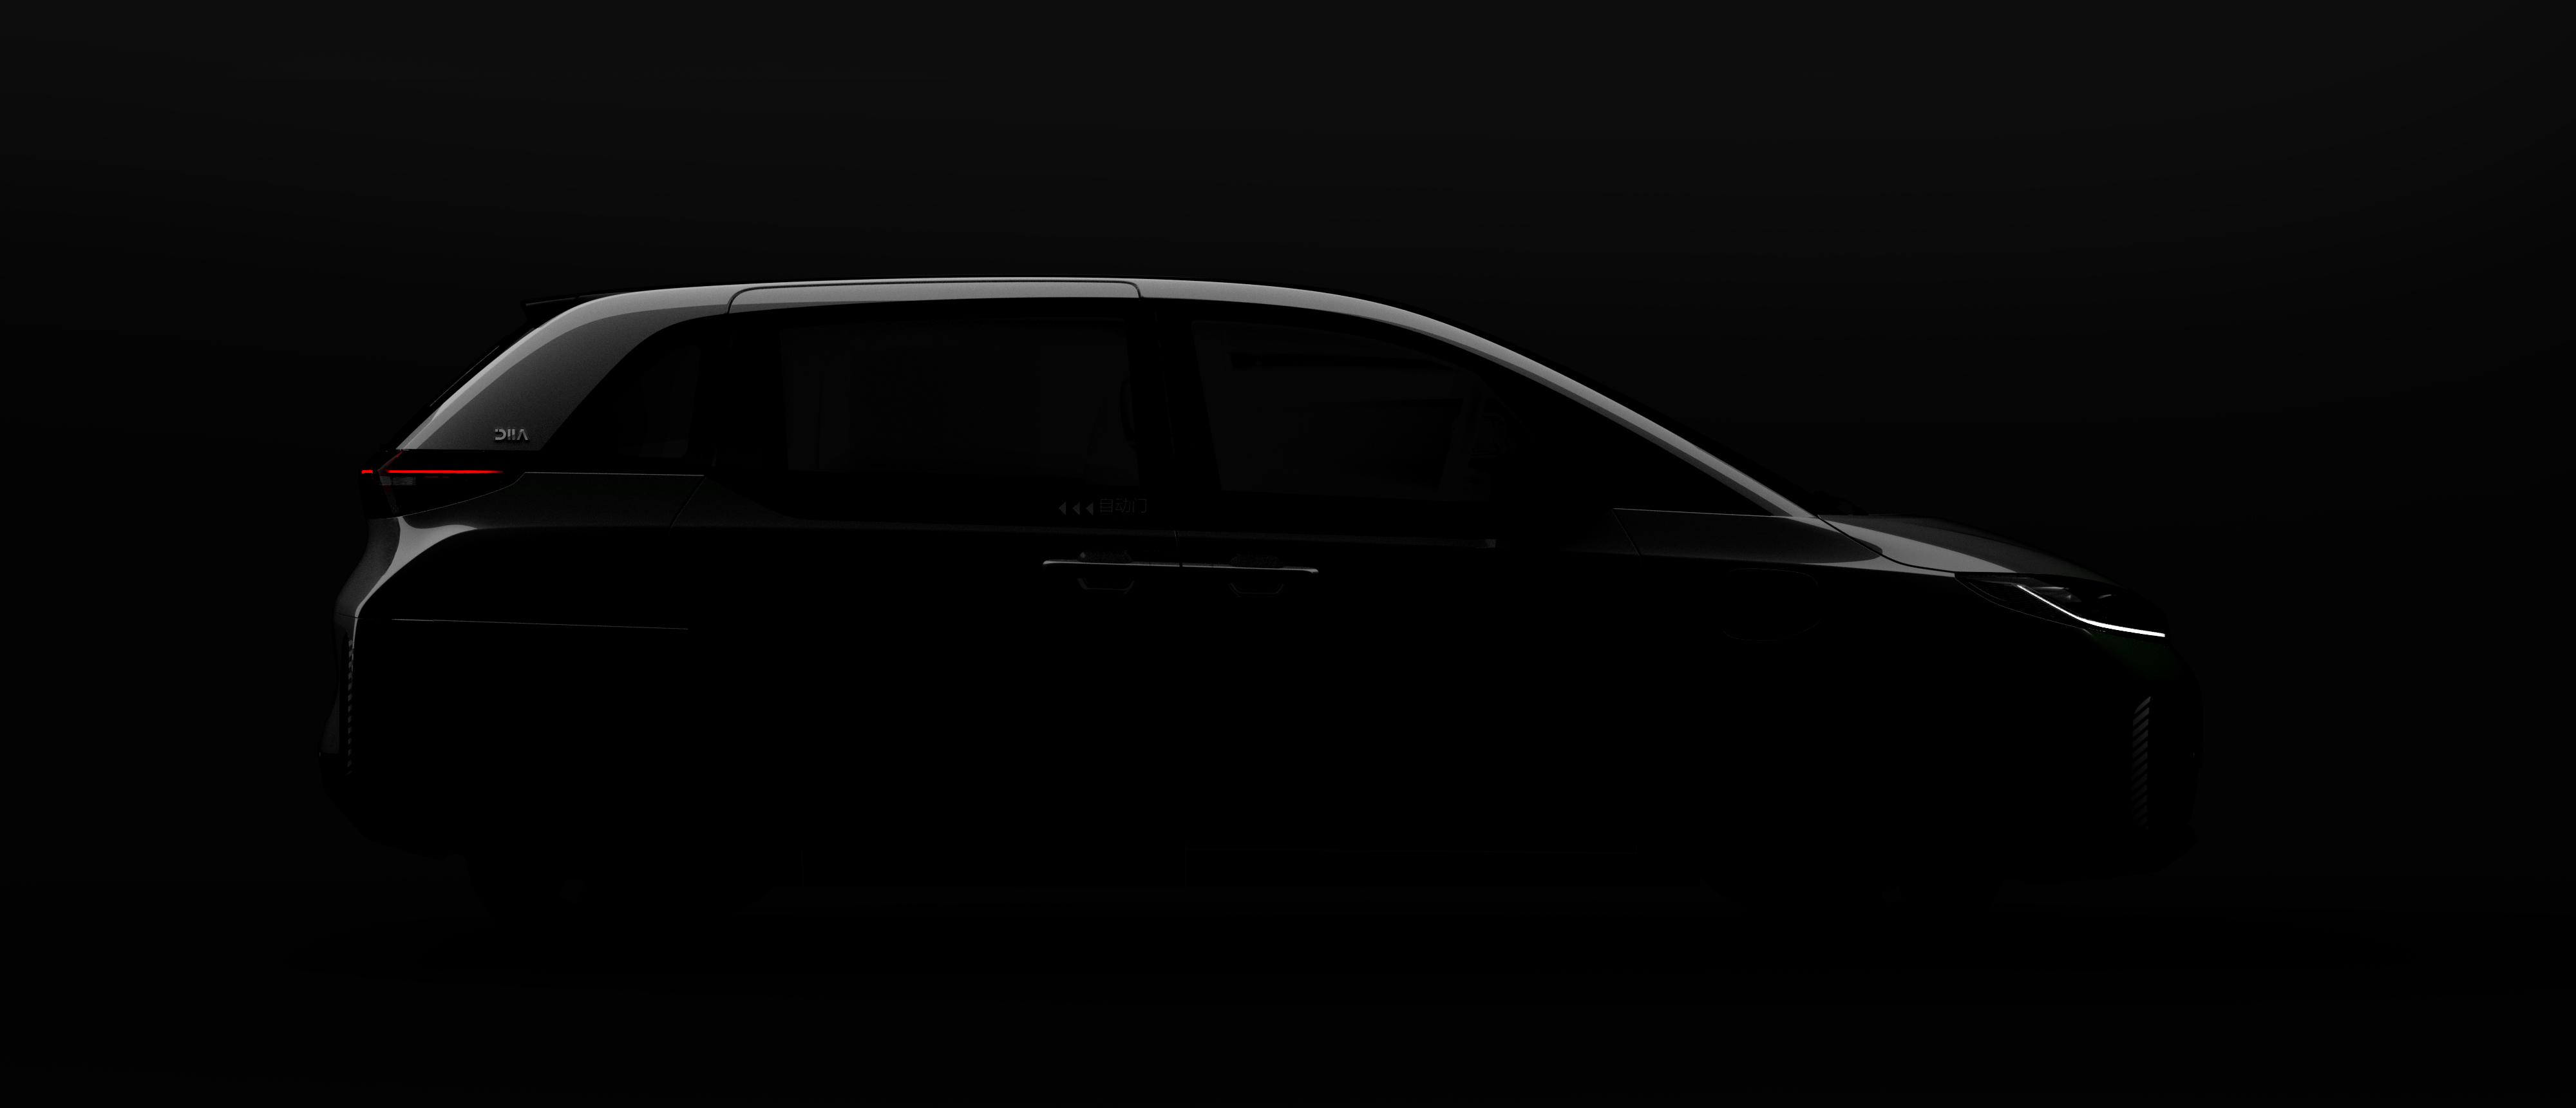 搞事情?滴滴将于11月16日发布一款新车